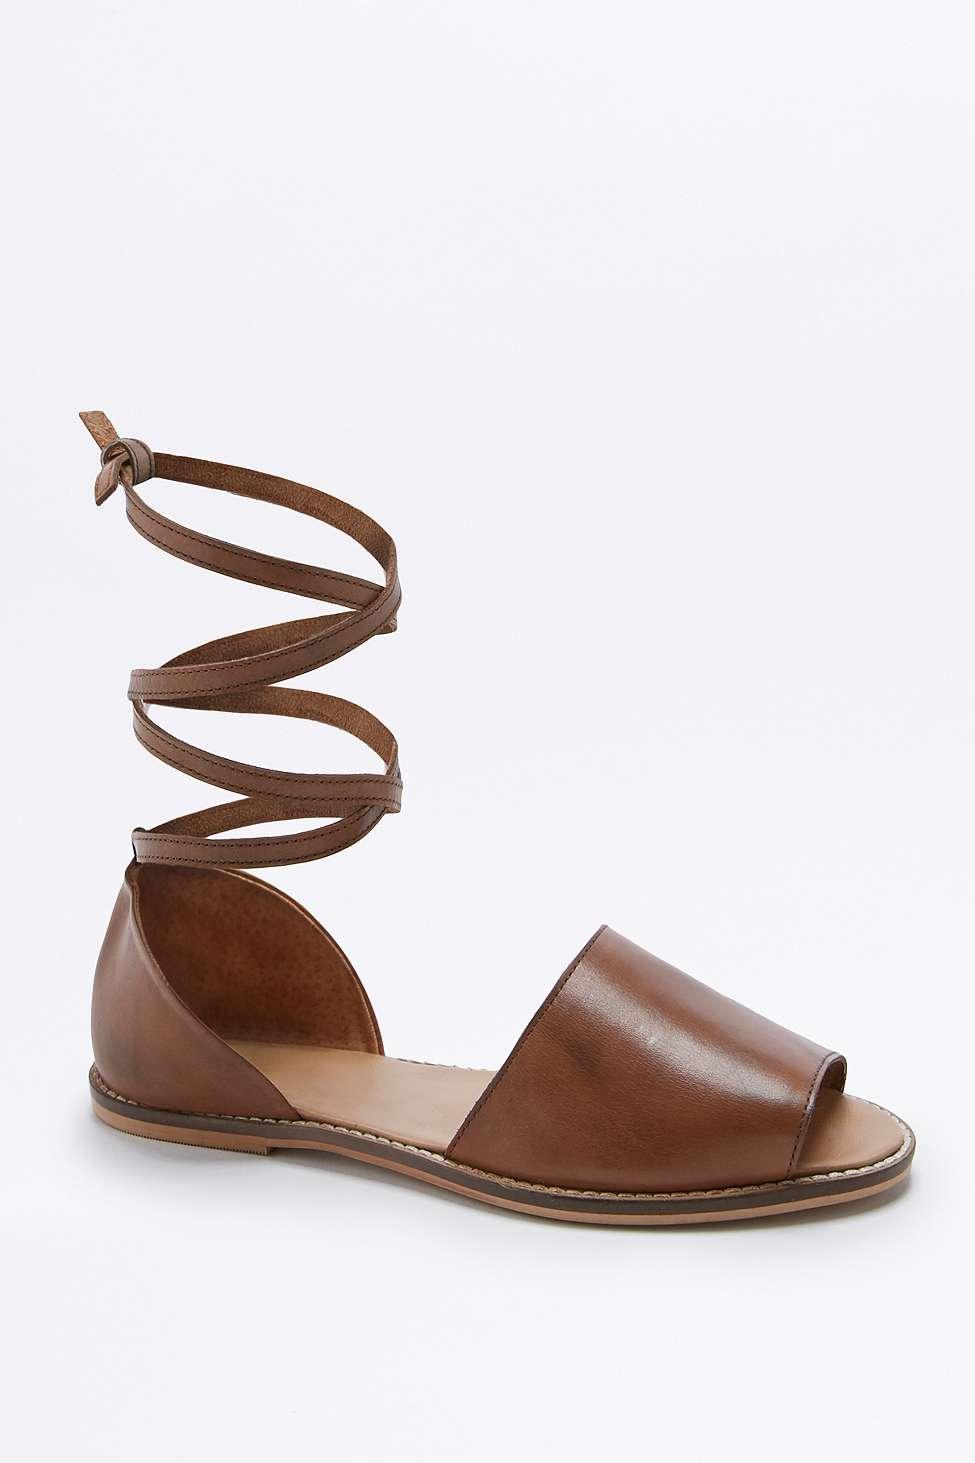 """Sandalen """"Cristy"""" in Hellbraun mit hohem Schuhblatt und Knöchelschnürung 55 € 19 €"""